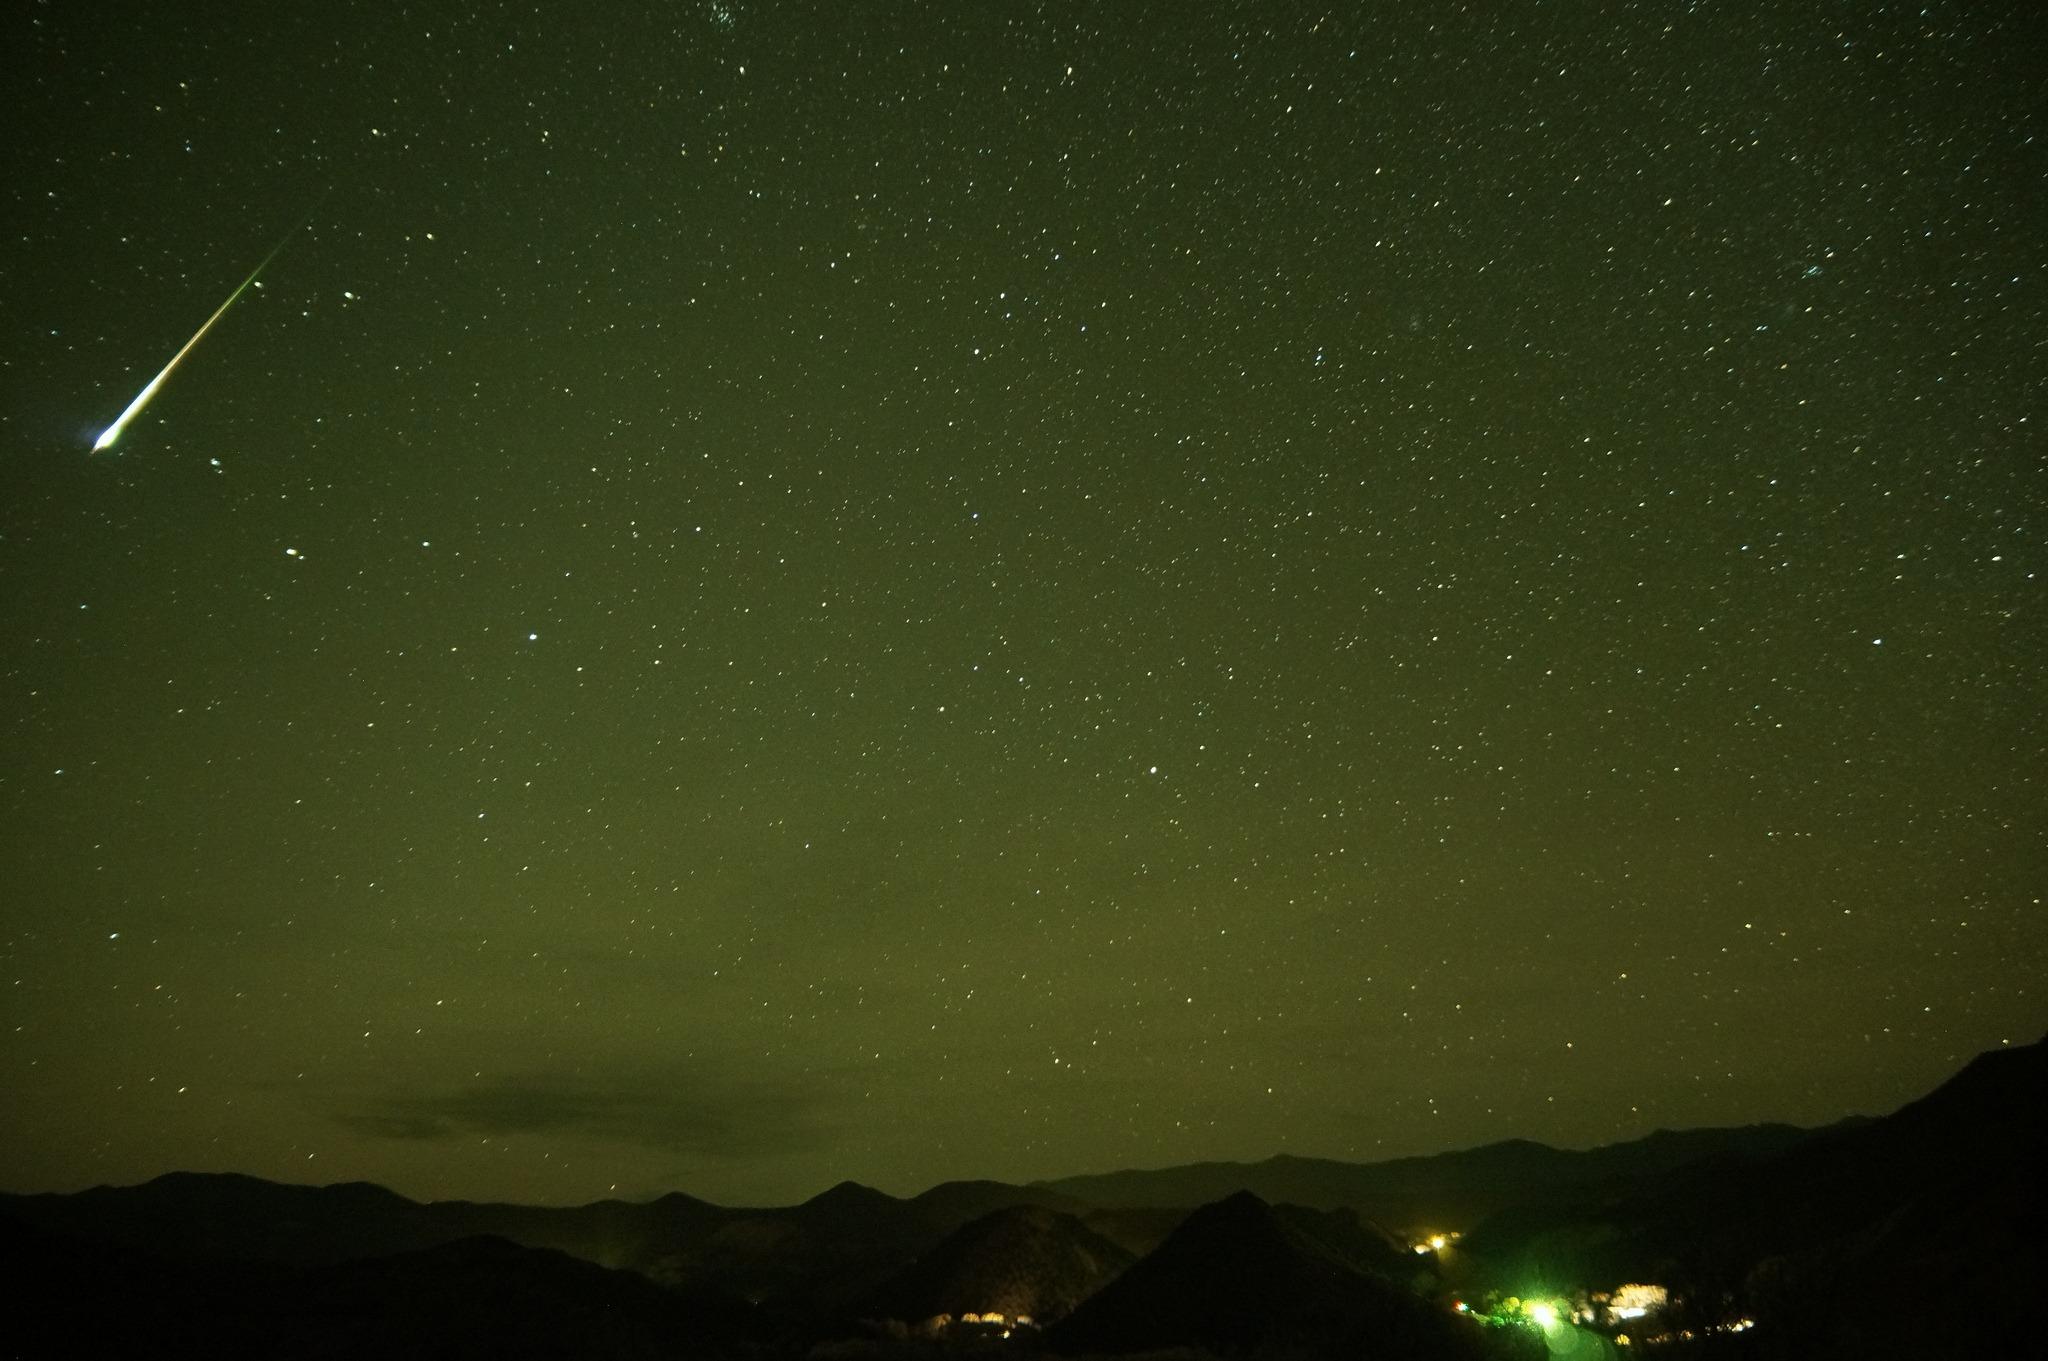 Orionidele au loc în fiecare an, în a doua parte a lunii octombrie. Foto: Mike Lewinski / Flickr